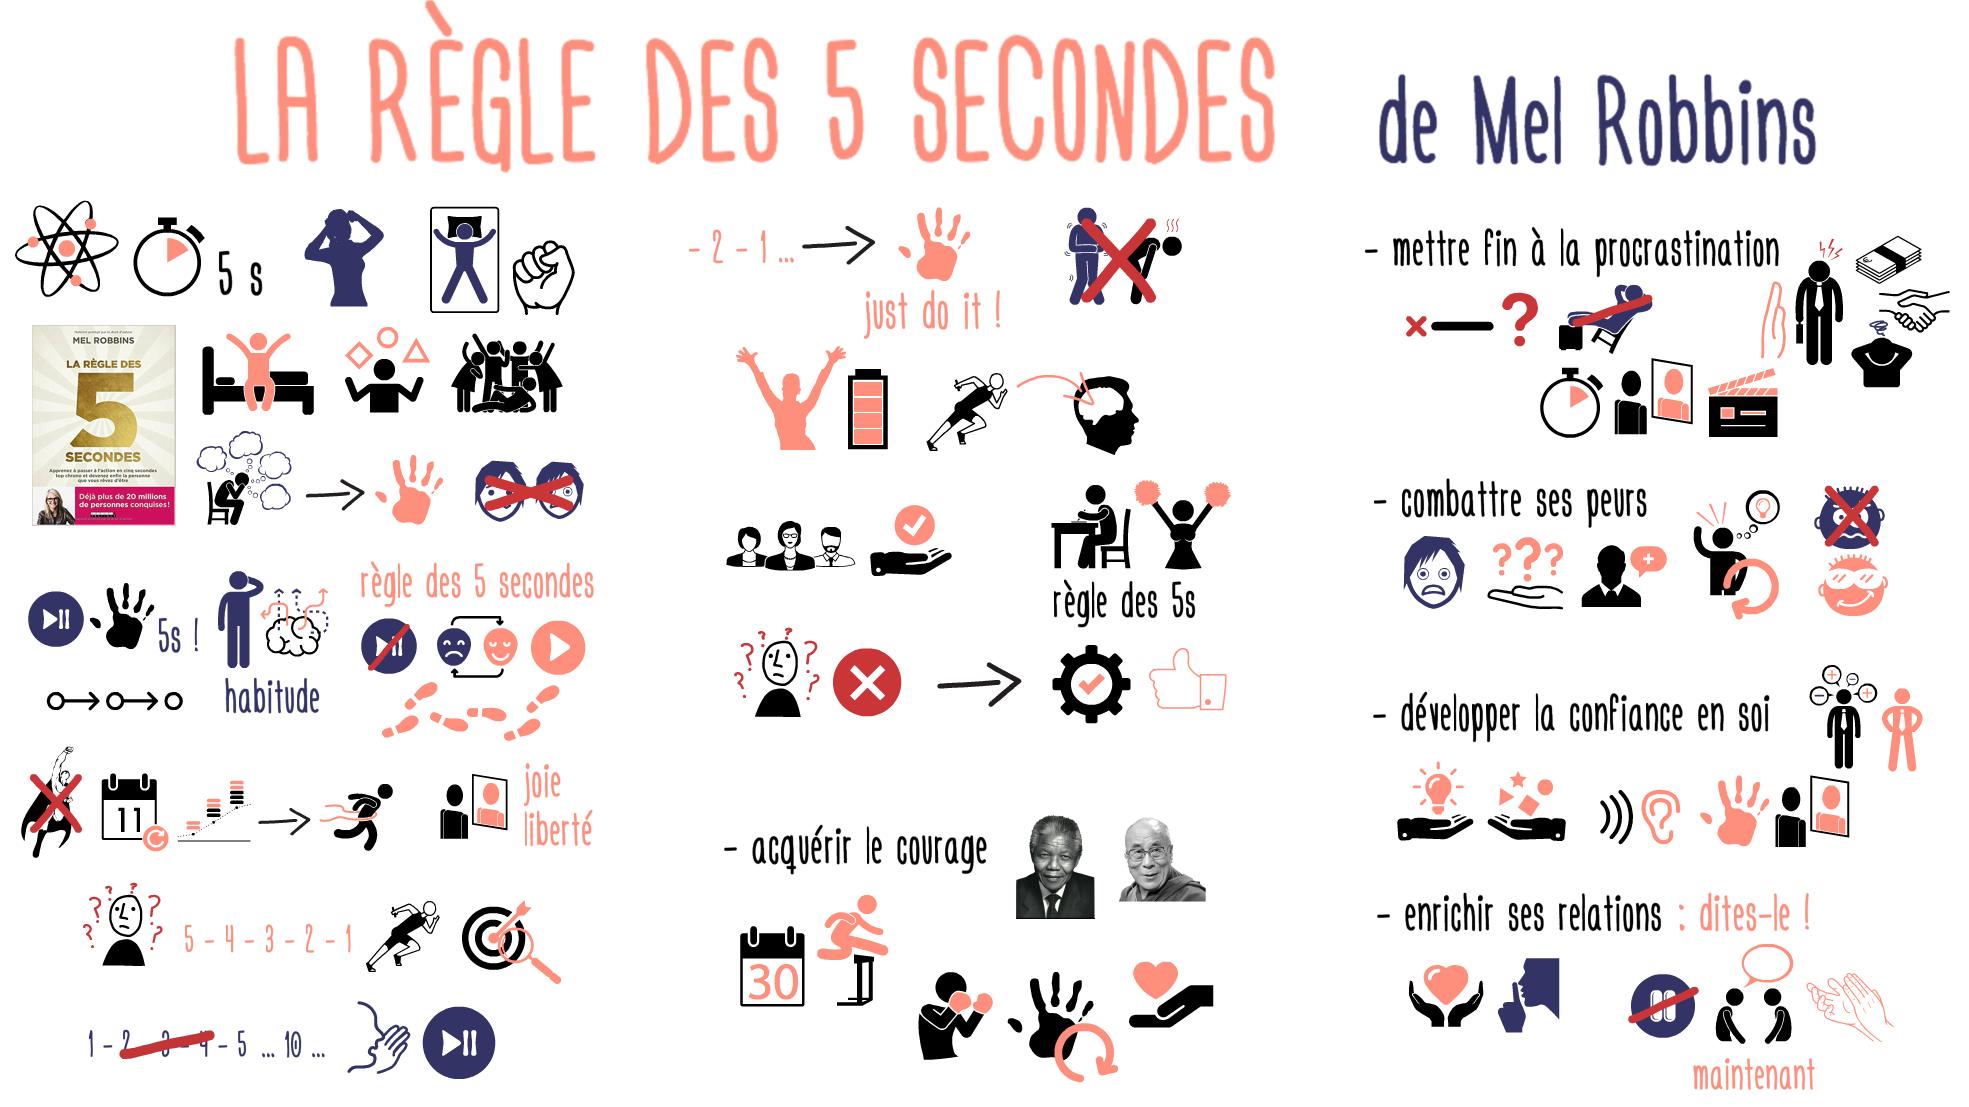 Regle des 5 secondes